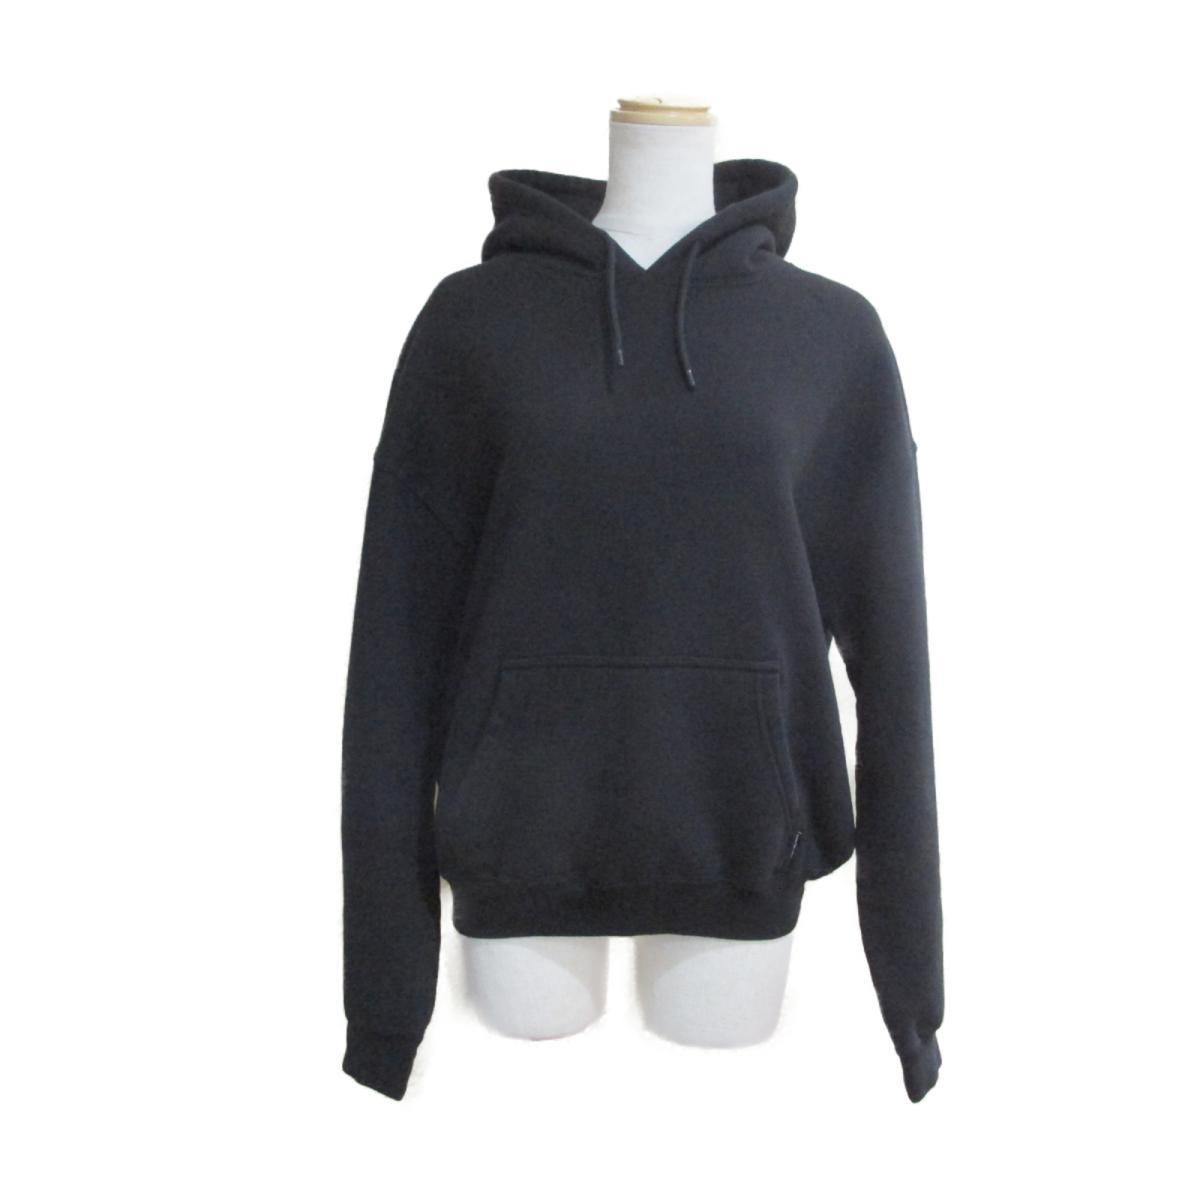 【中古】 バレンシアガ パーカー レディース コットン100% ブラック   BALENCIAGA BRANDOFF ブランドオフ 衣料品 衣類 ブランド トップス